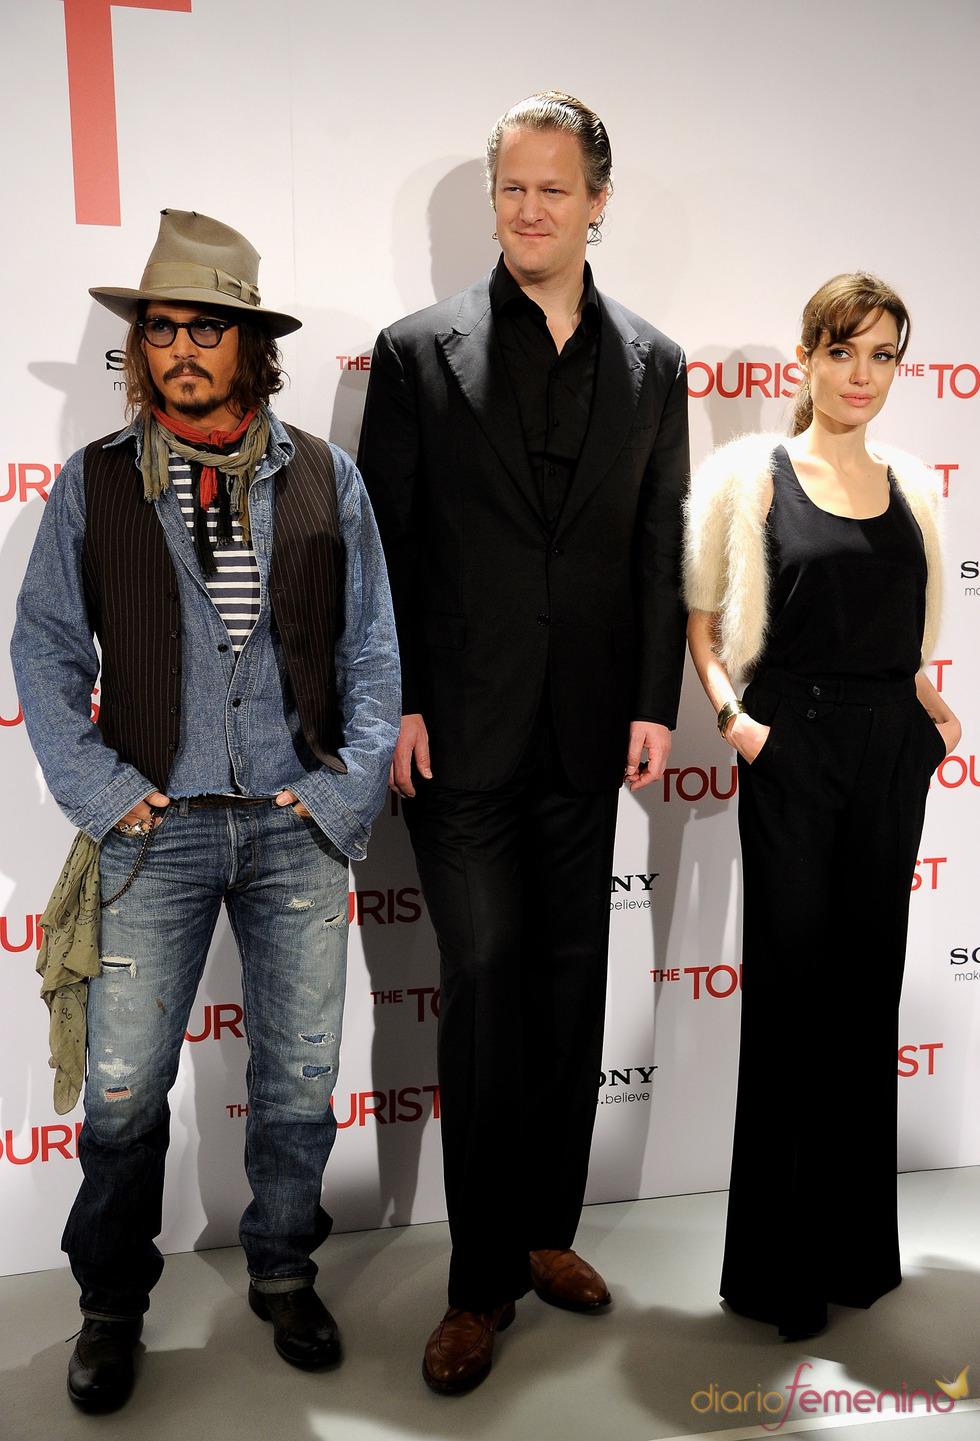 Johnny Depp, Angelina Jolie y Florian Henckel Von Donnersmarck llegan a Madrid